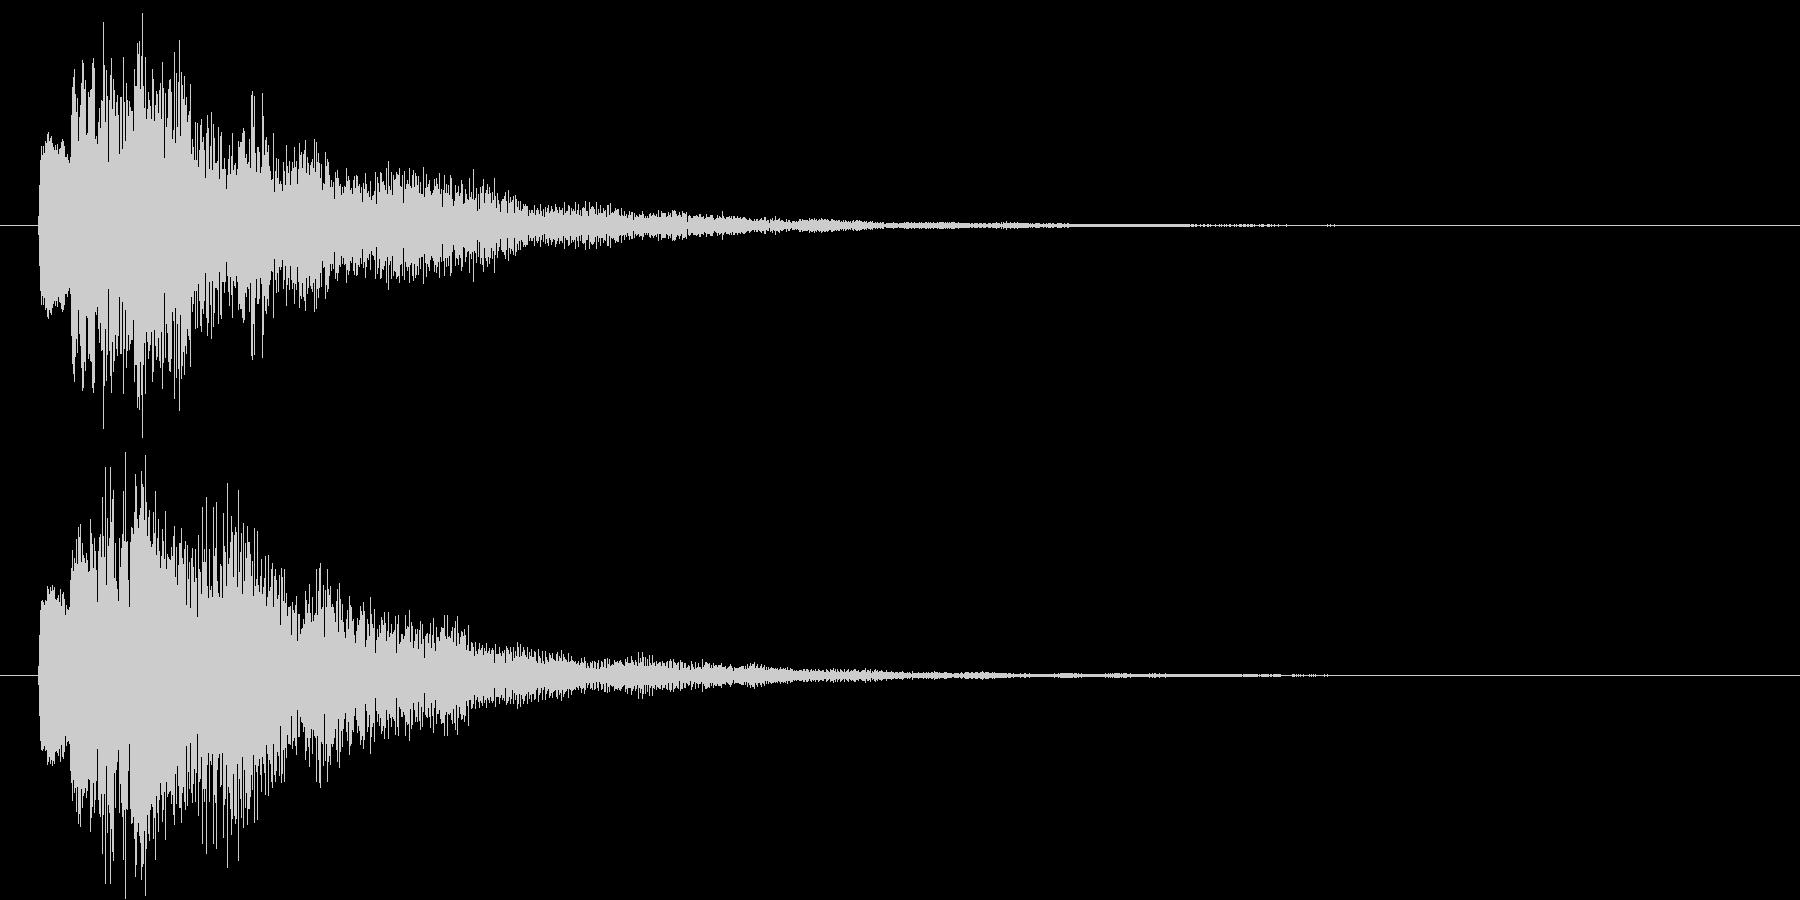 ポロロン②(スタート・テロップ・決定)の未再生の波形